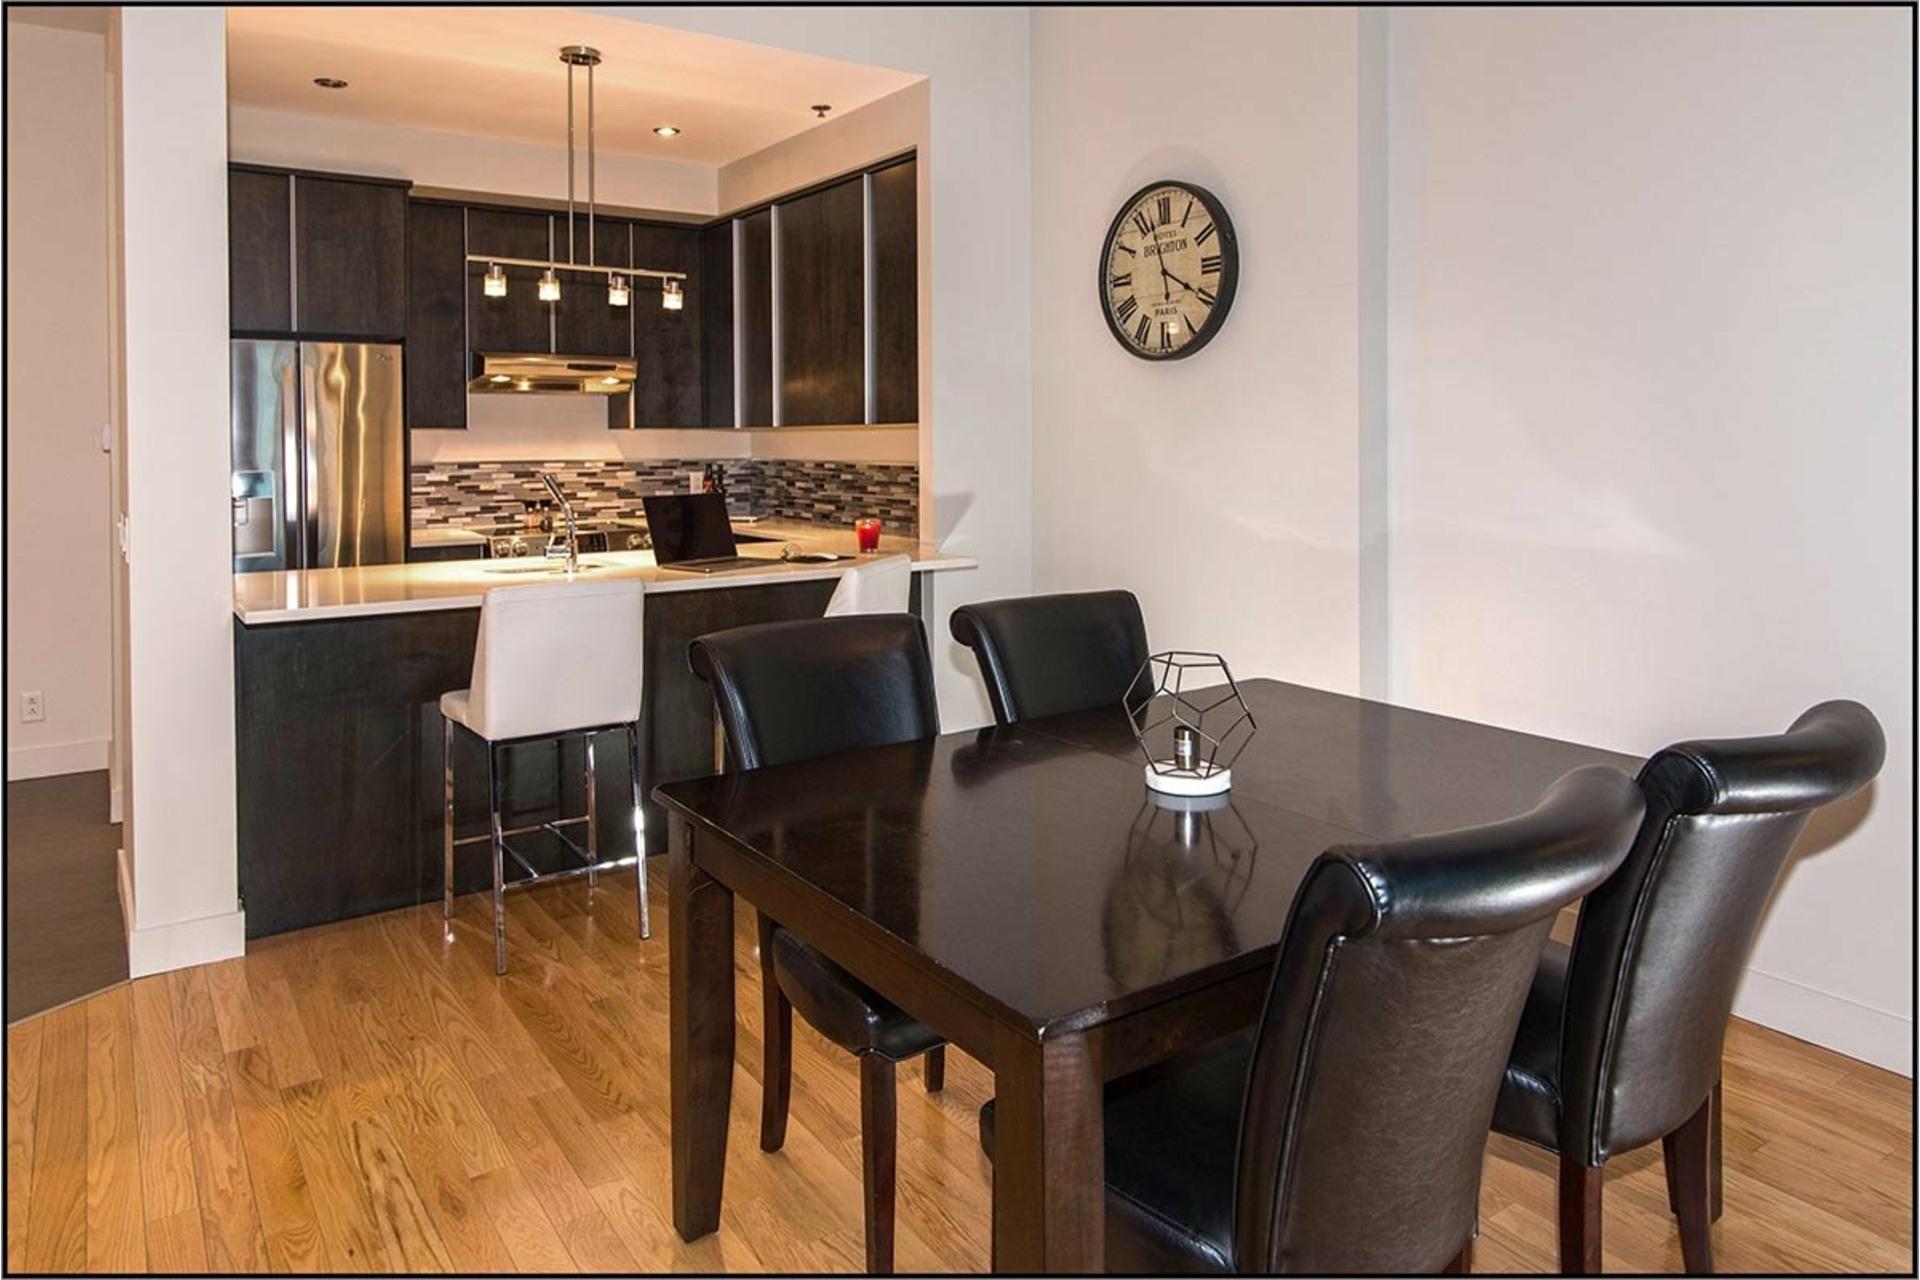 image 3 - Apartment For sale Saint-Augustin-de-Desmaures - 10 rooms